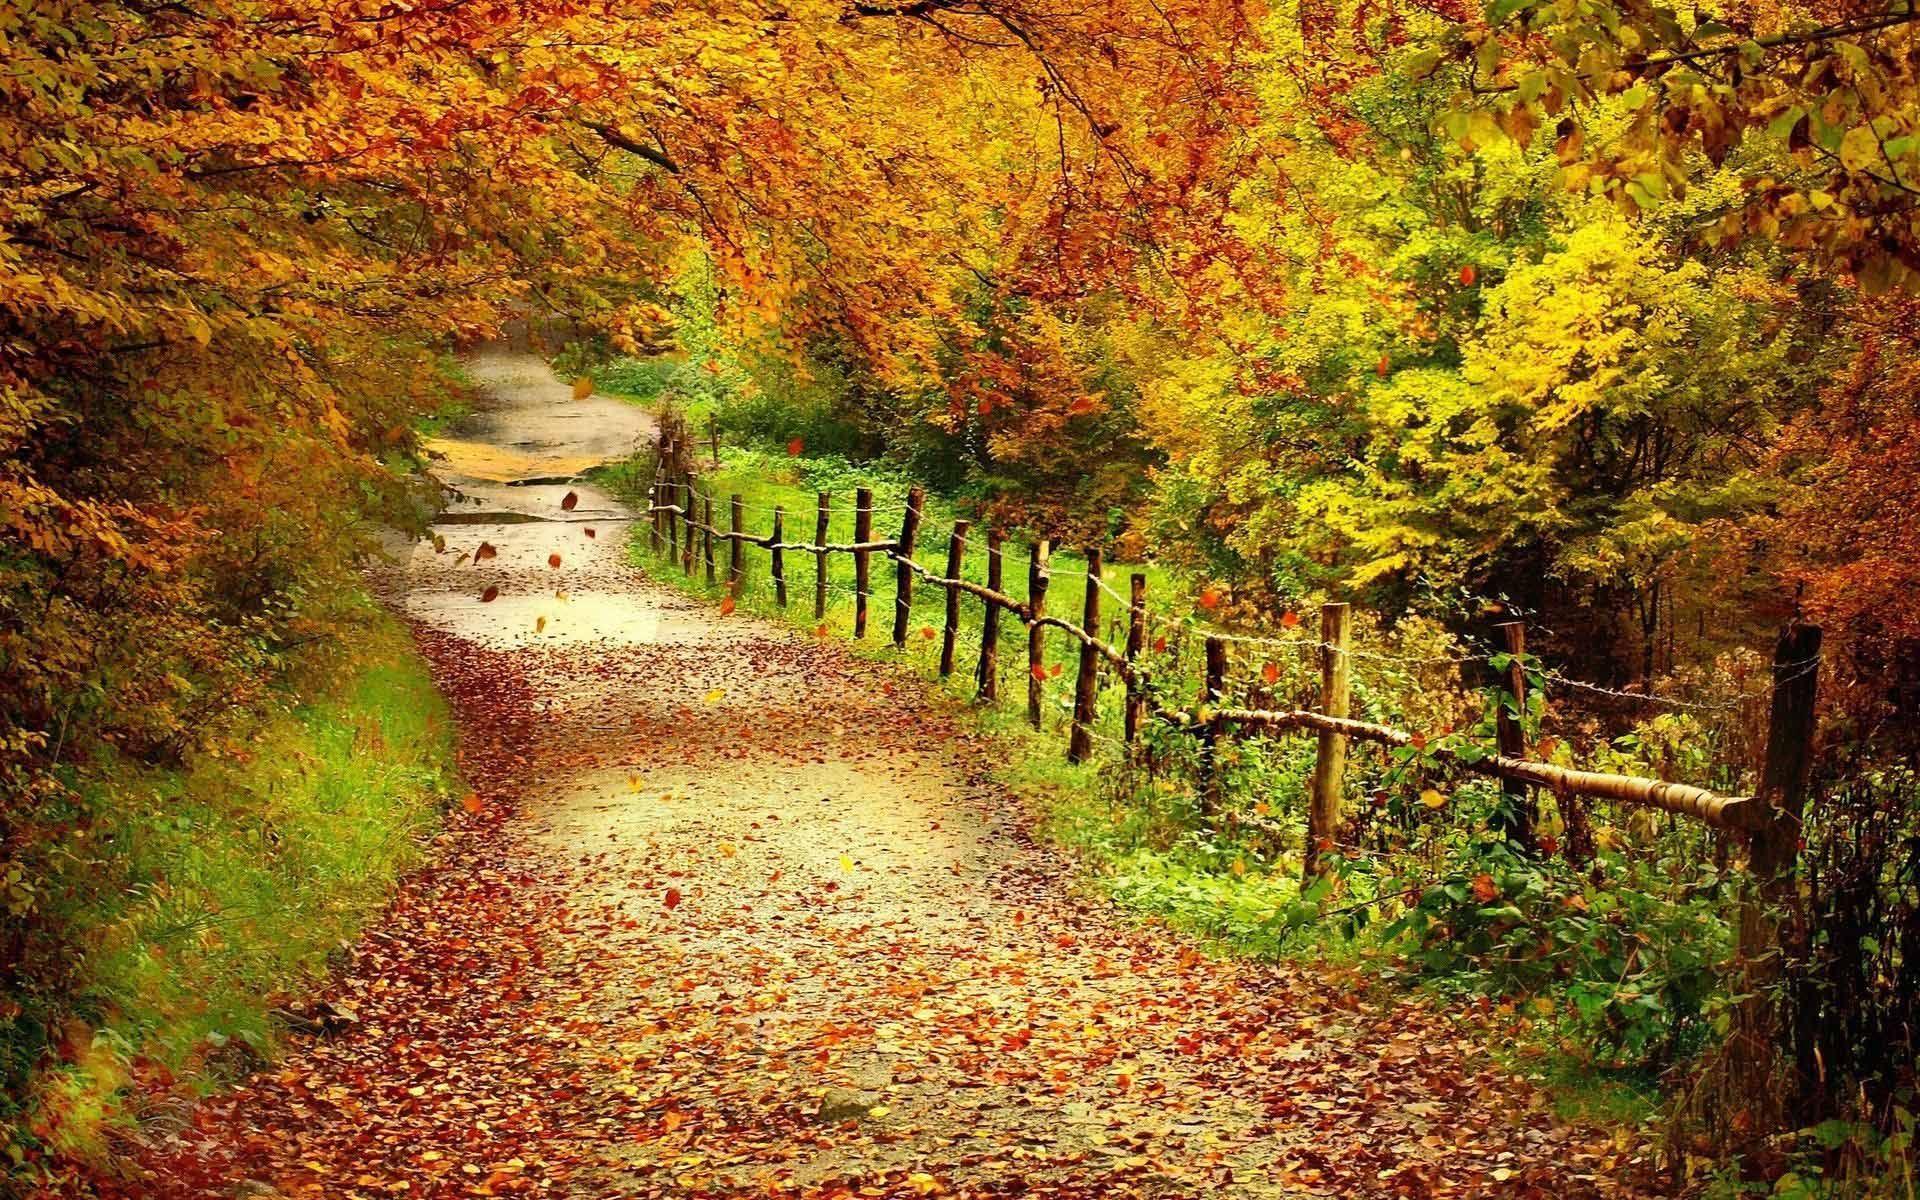 Autumn Desktop Wallpaper fall foliage wallpaper for